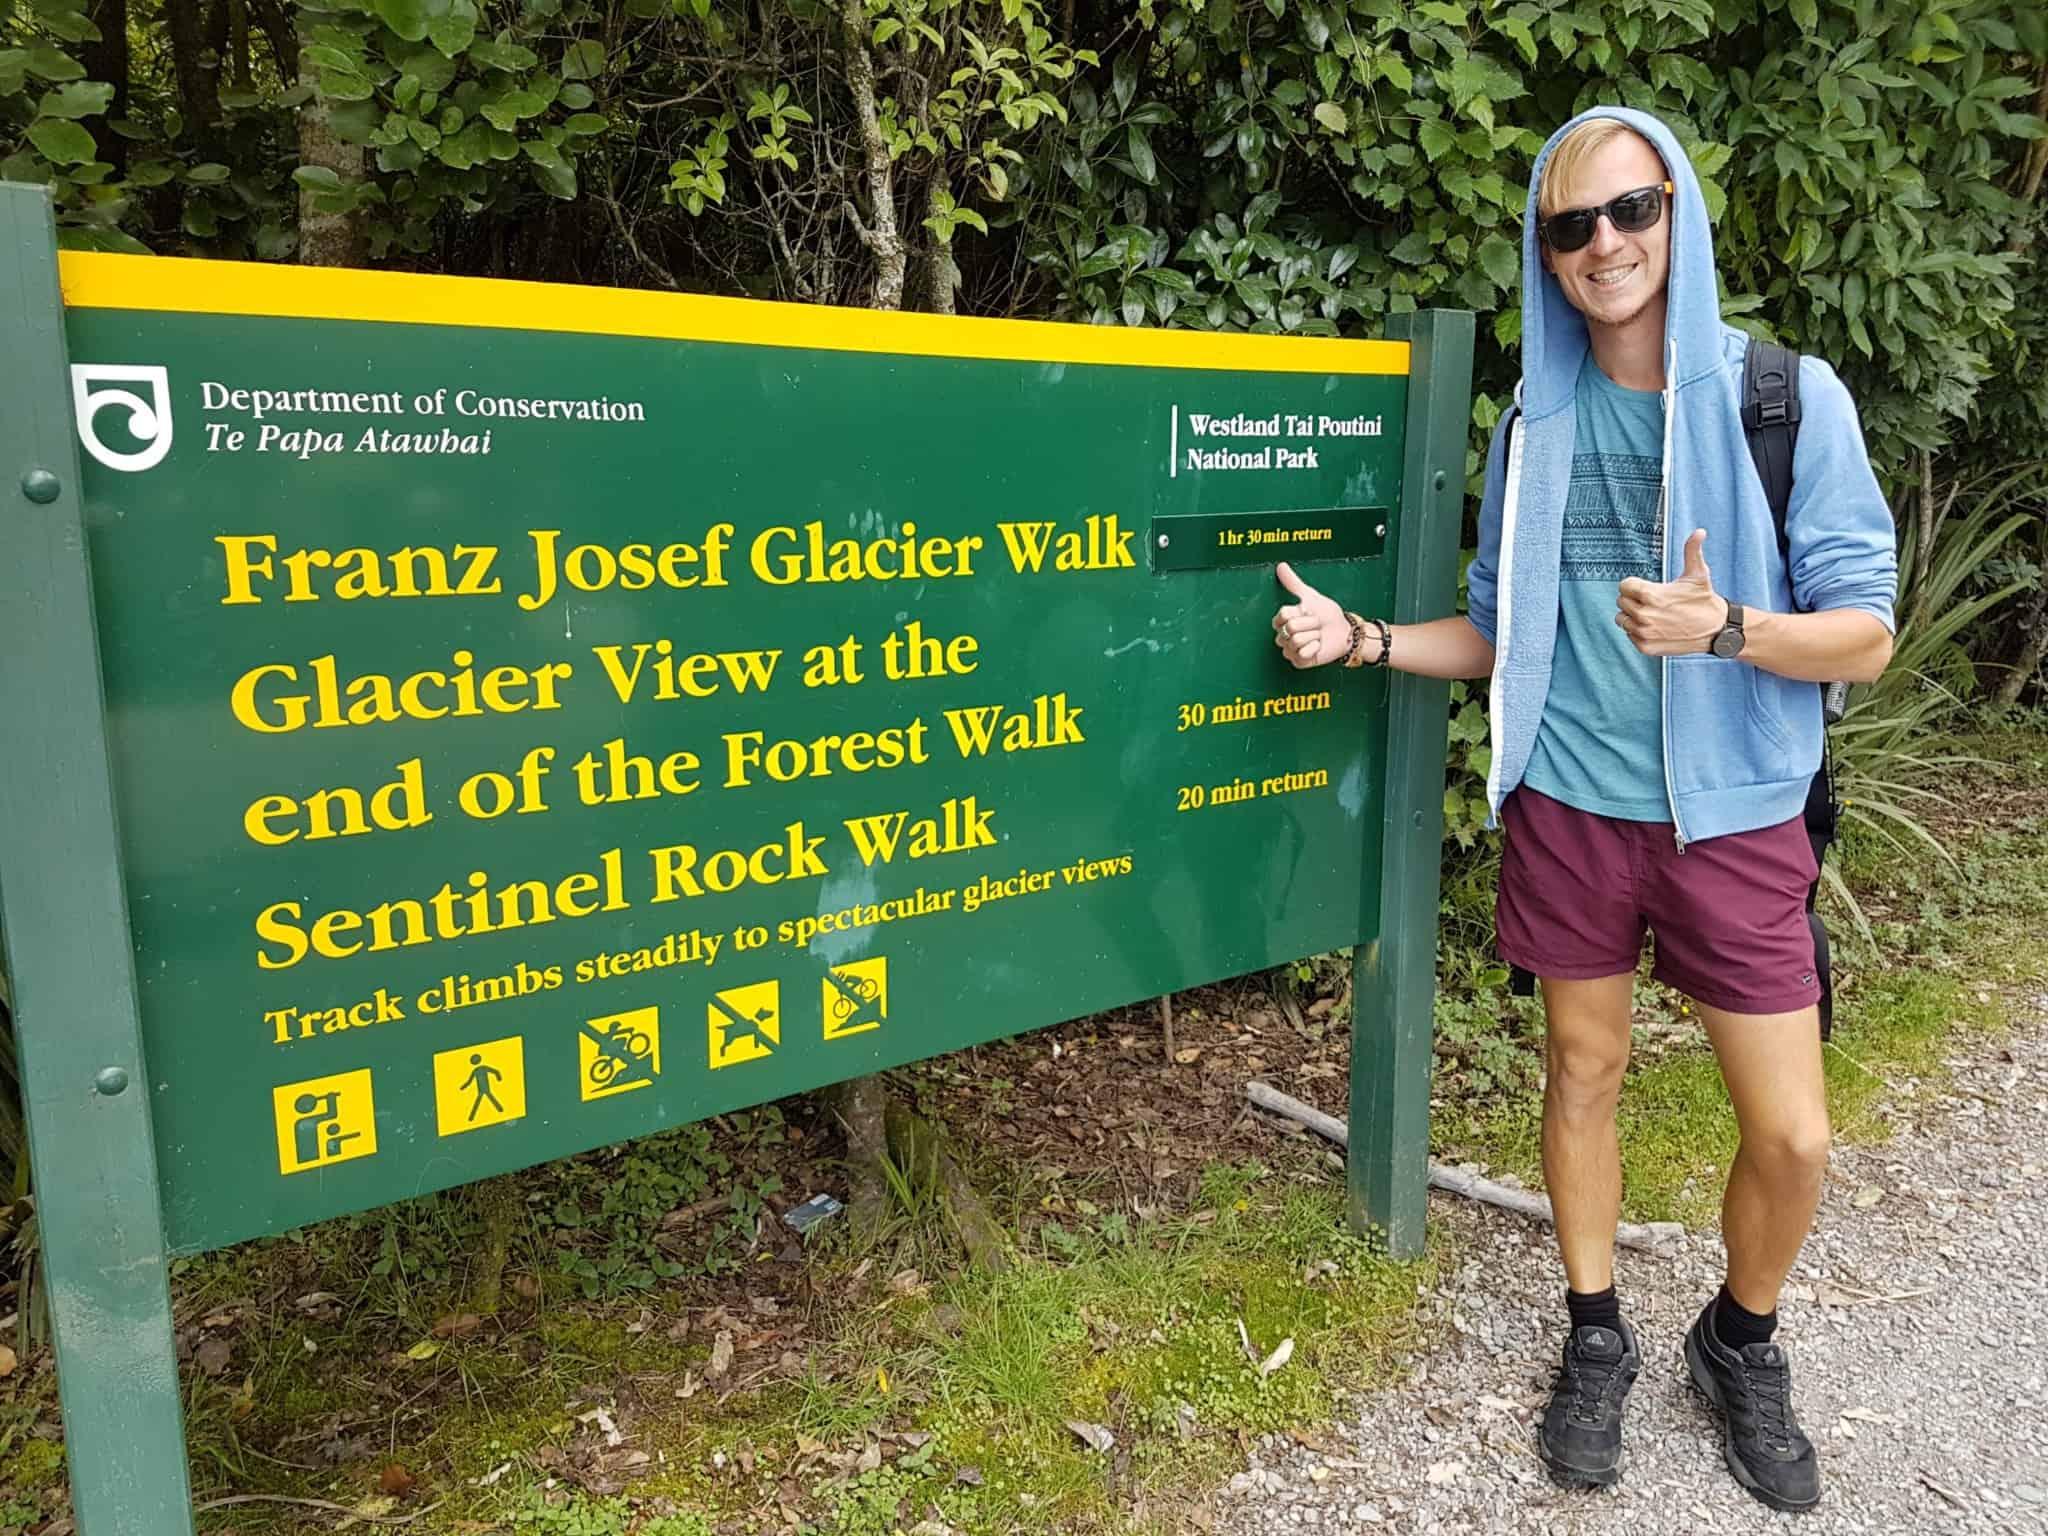 Nouvelle-Zélande, on chausse les baskets pour voir le Glacier Franz Josef 👟 1